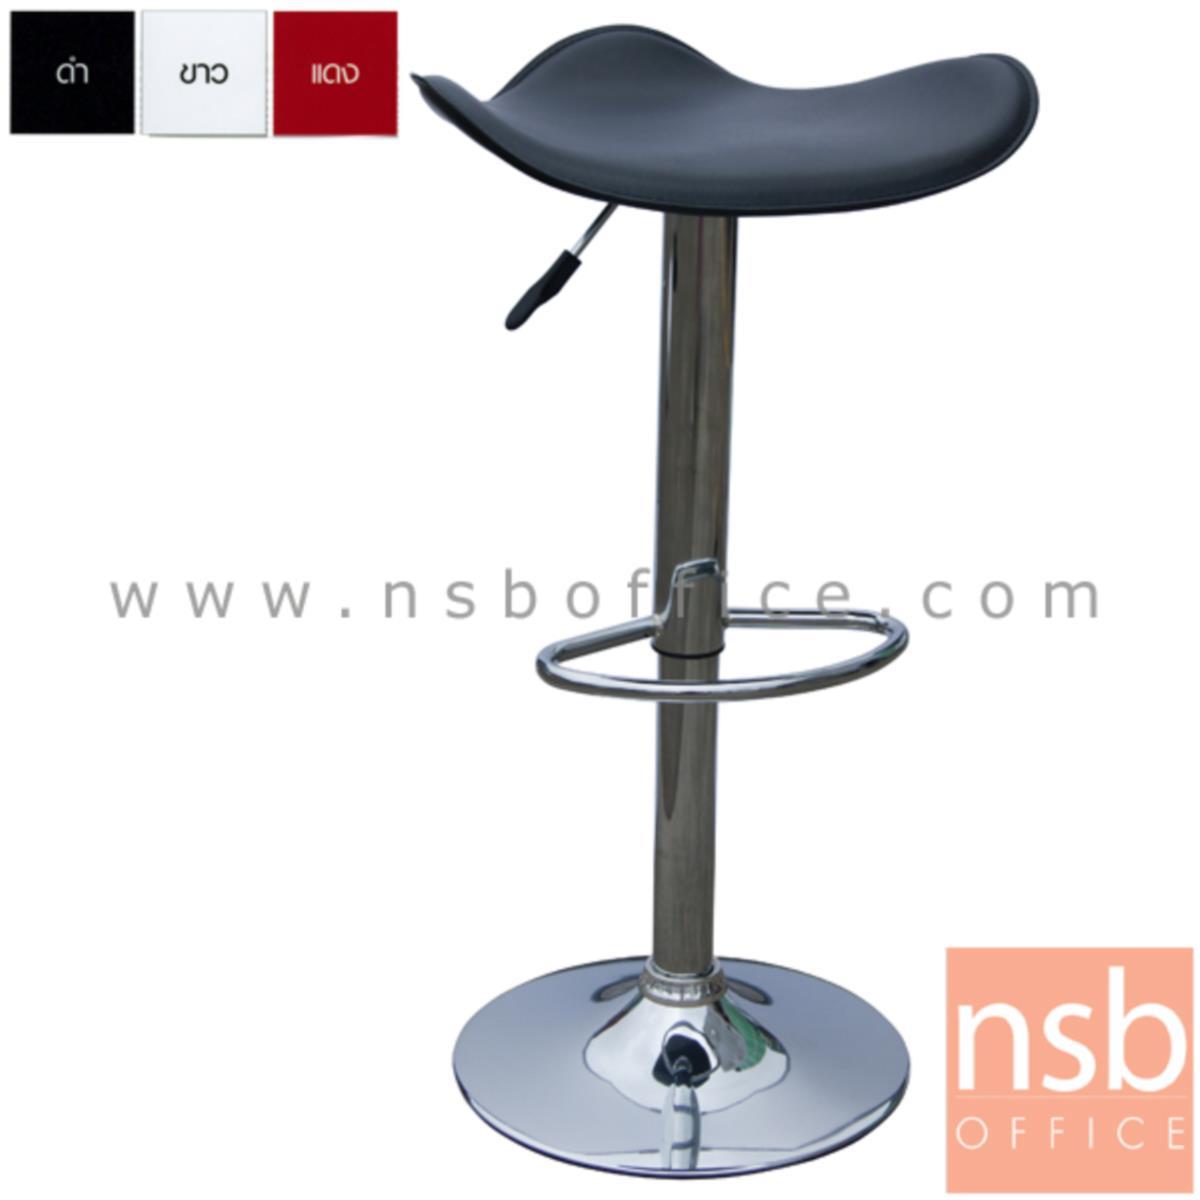 B18A025:เก้าอี้บาร์สูงหนังเทียม รุ่น BH-741-SMART ขนาด 46W cm. โช๊คแก๊ส ขาโครเมี่ยมฐานจานกลม